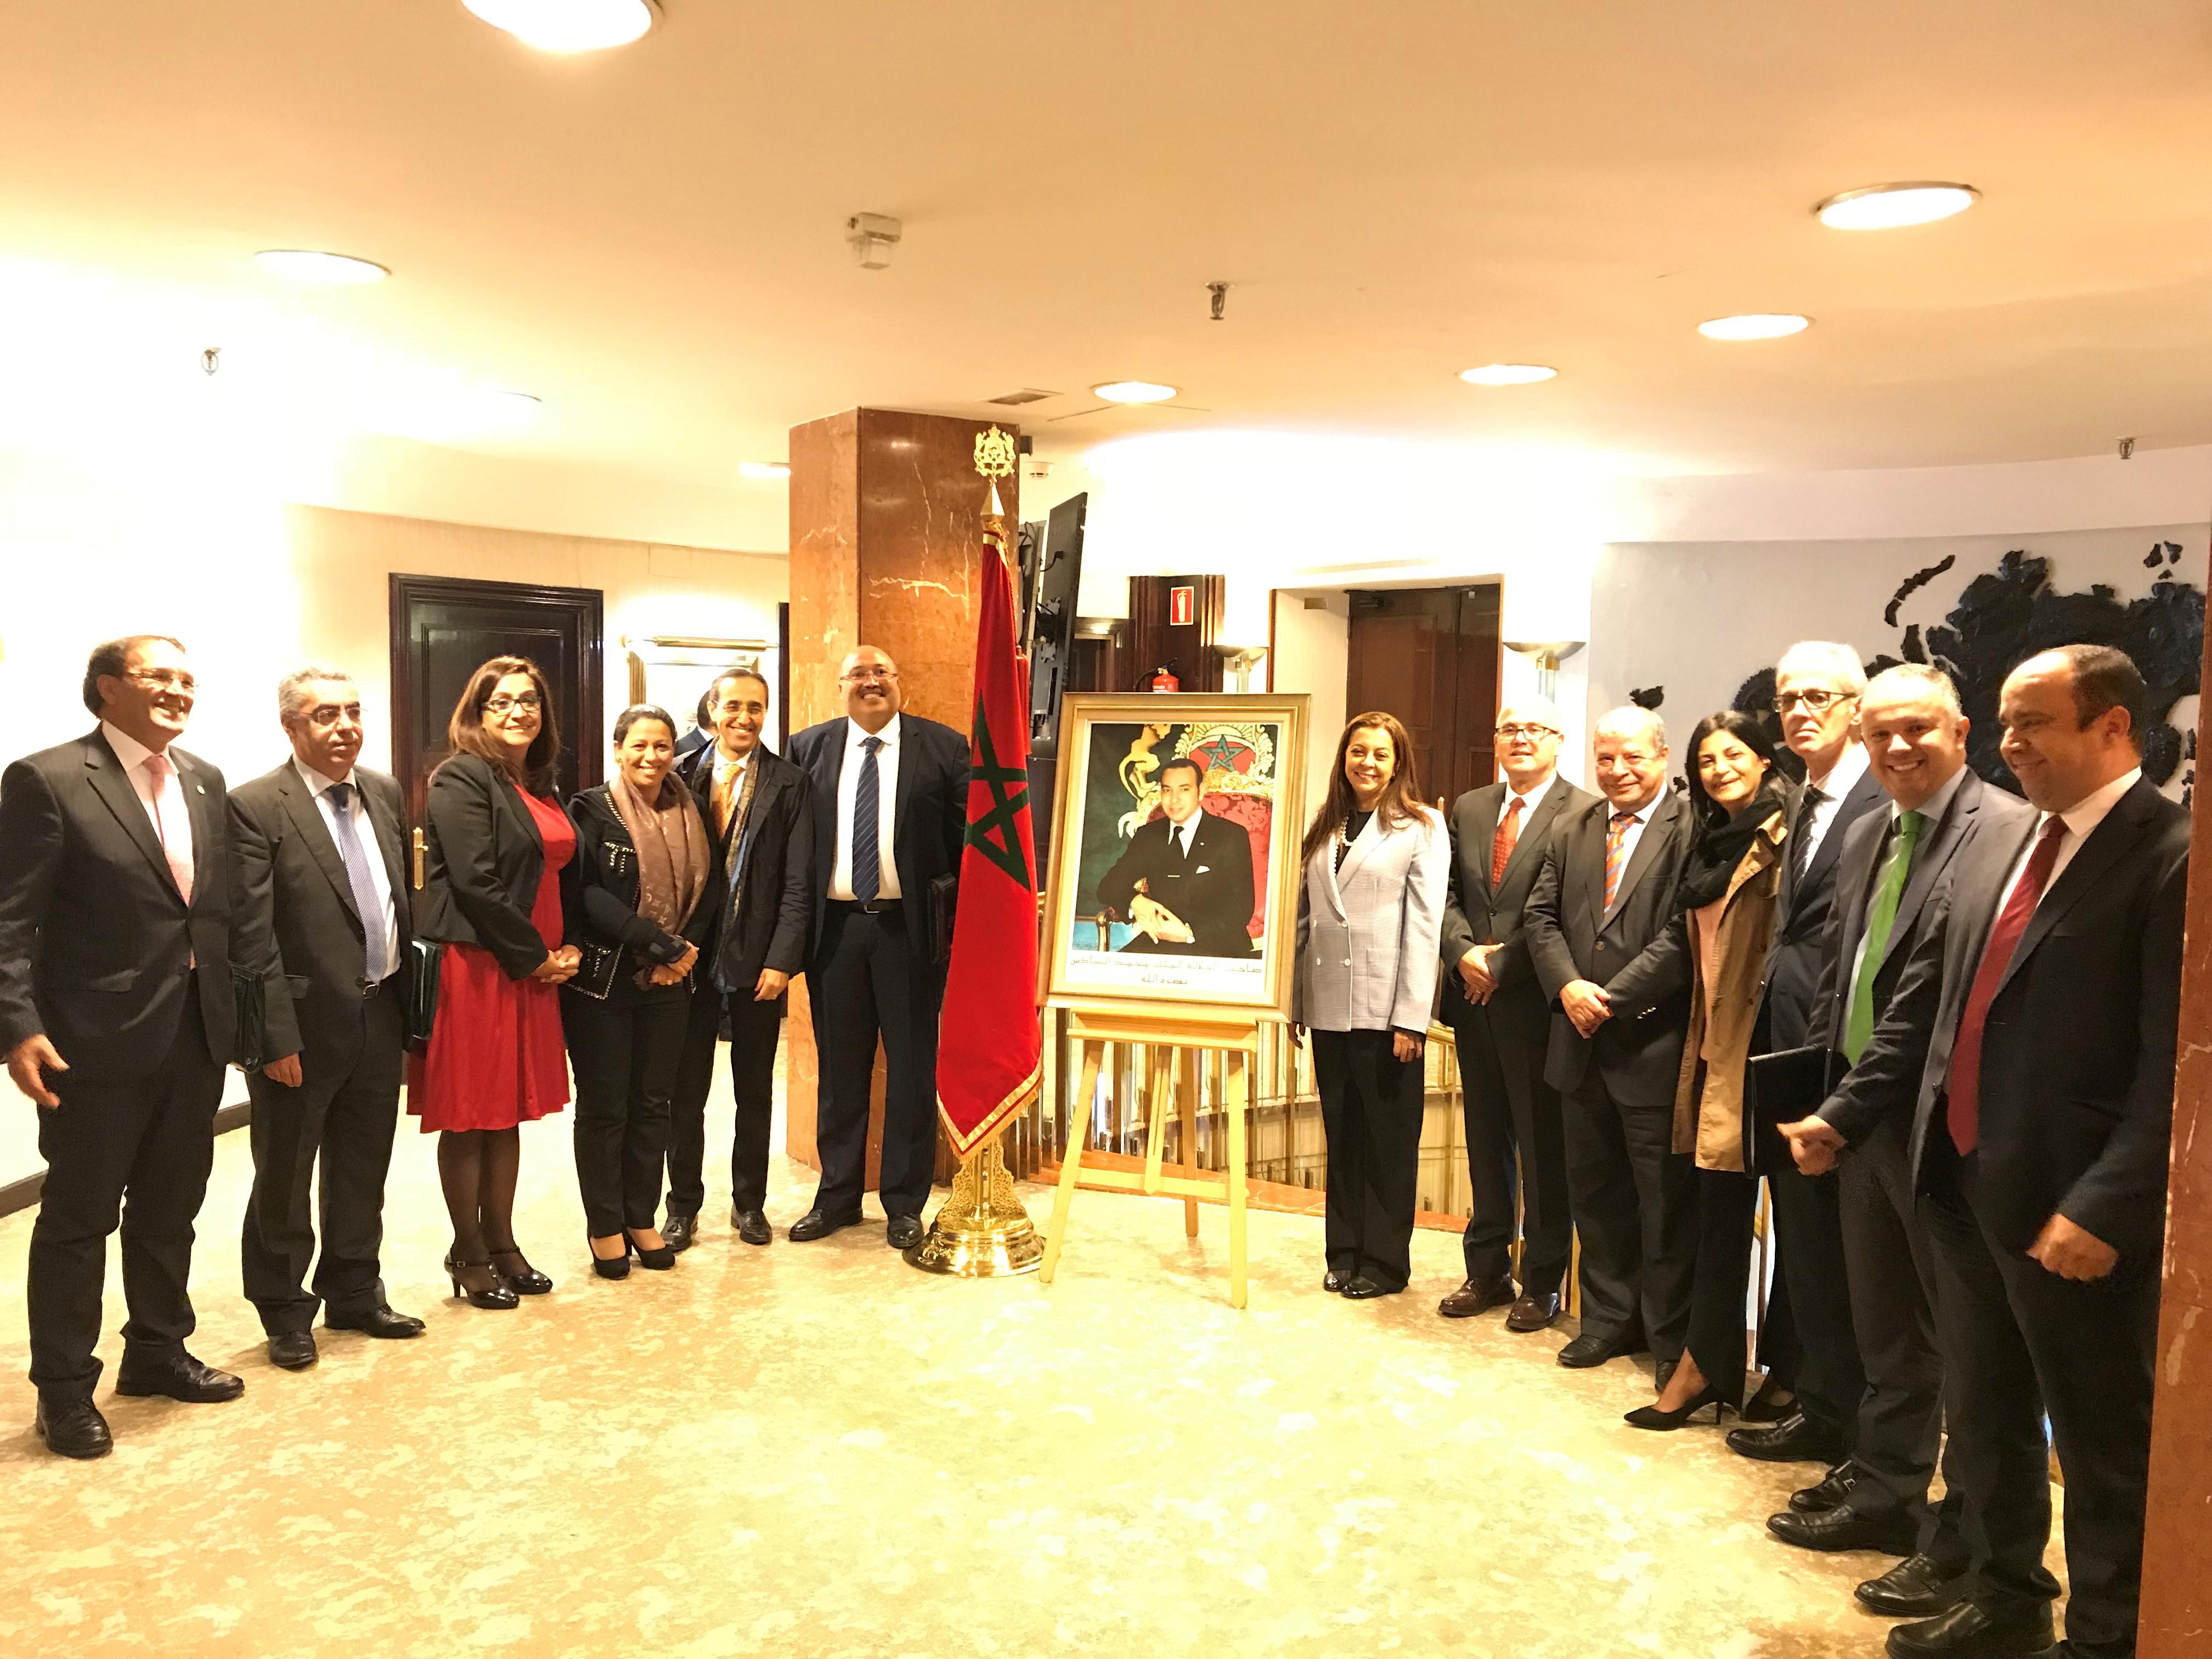 La Embajadora de Su Majestad el Rey de Marruecos en España, la Excma. Sra. Karima Benyaïch, presidió una reunión de coordinación con los doce cónsules generales del Reino en España